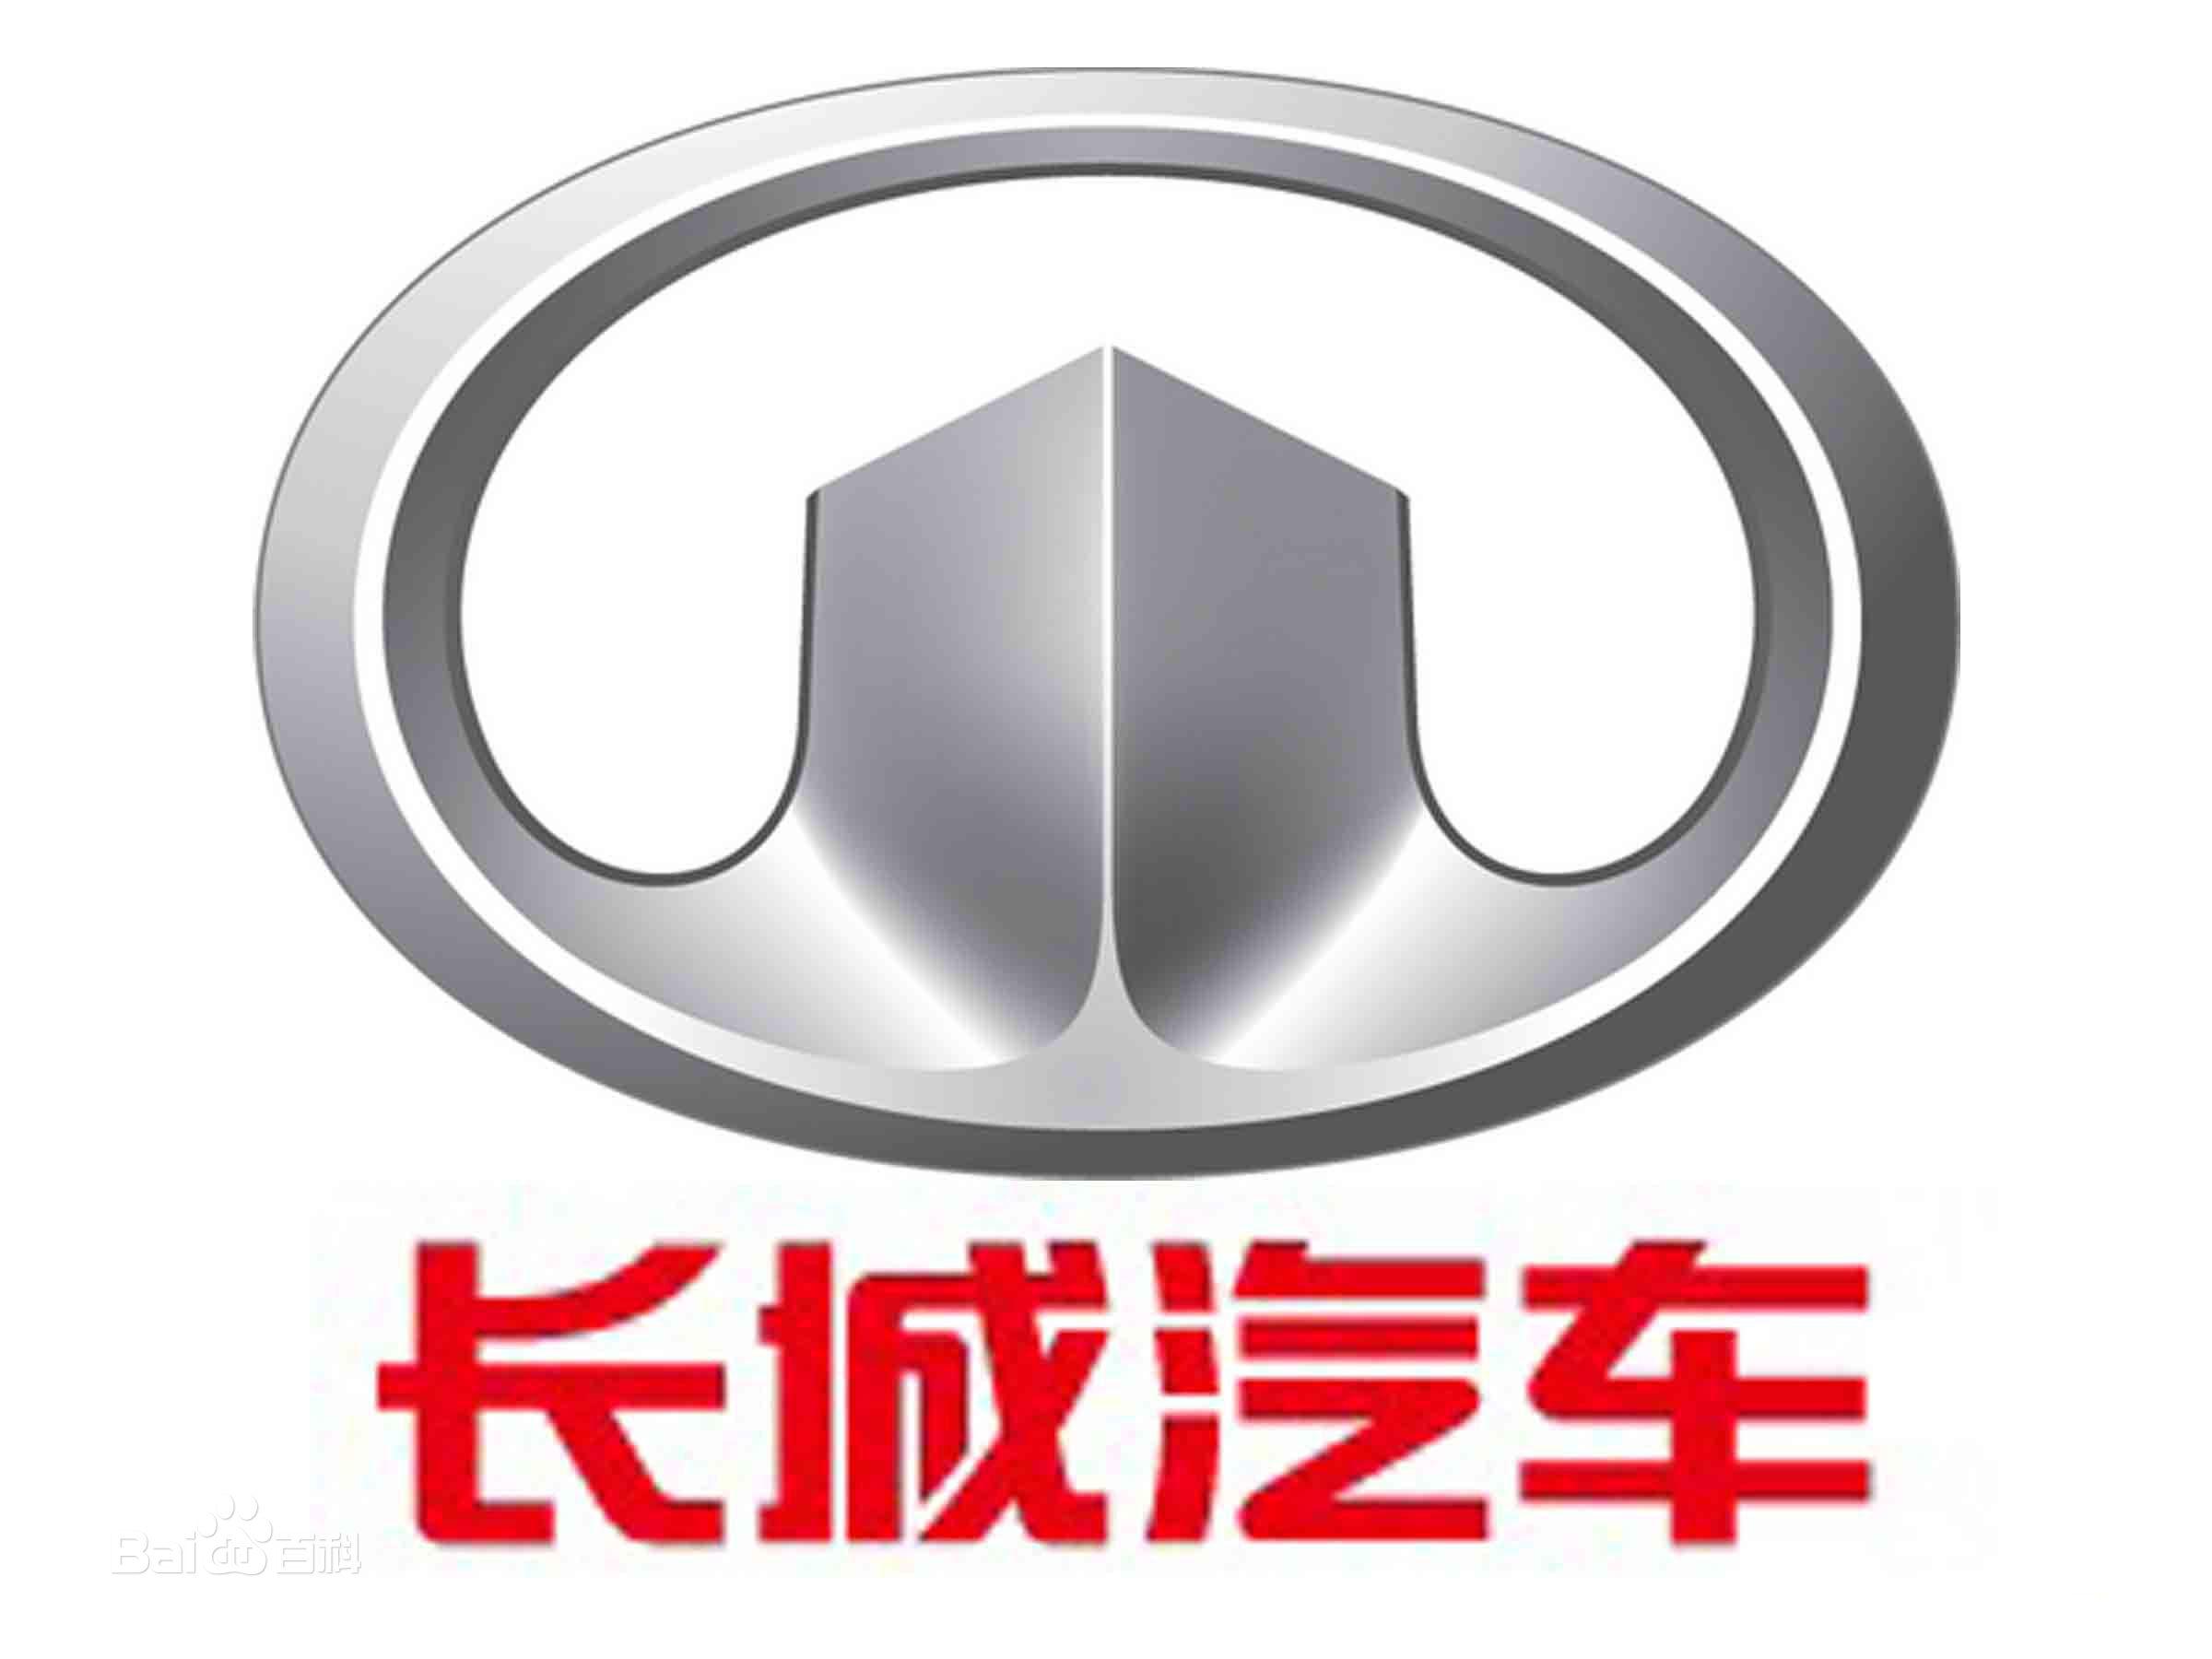 鑫精诚合作伙伴:长城汽车